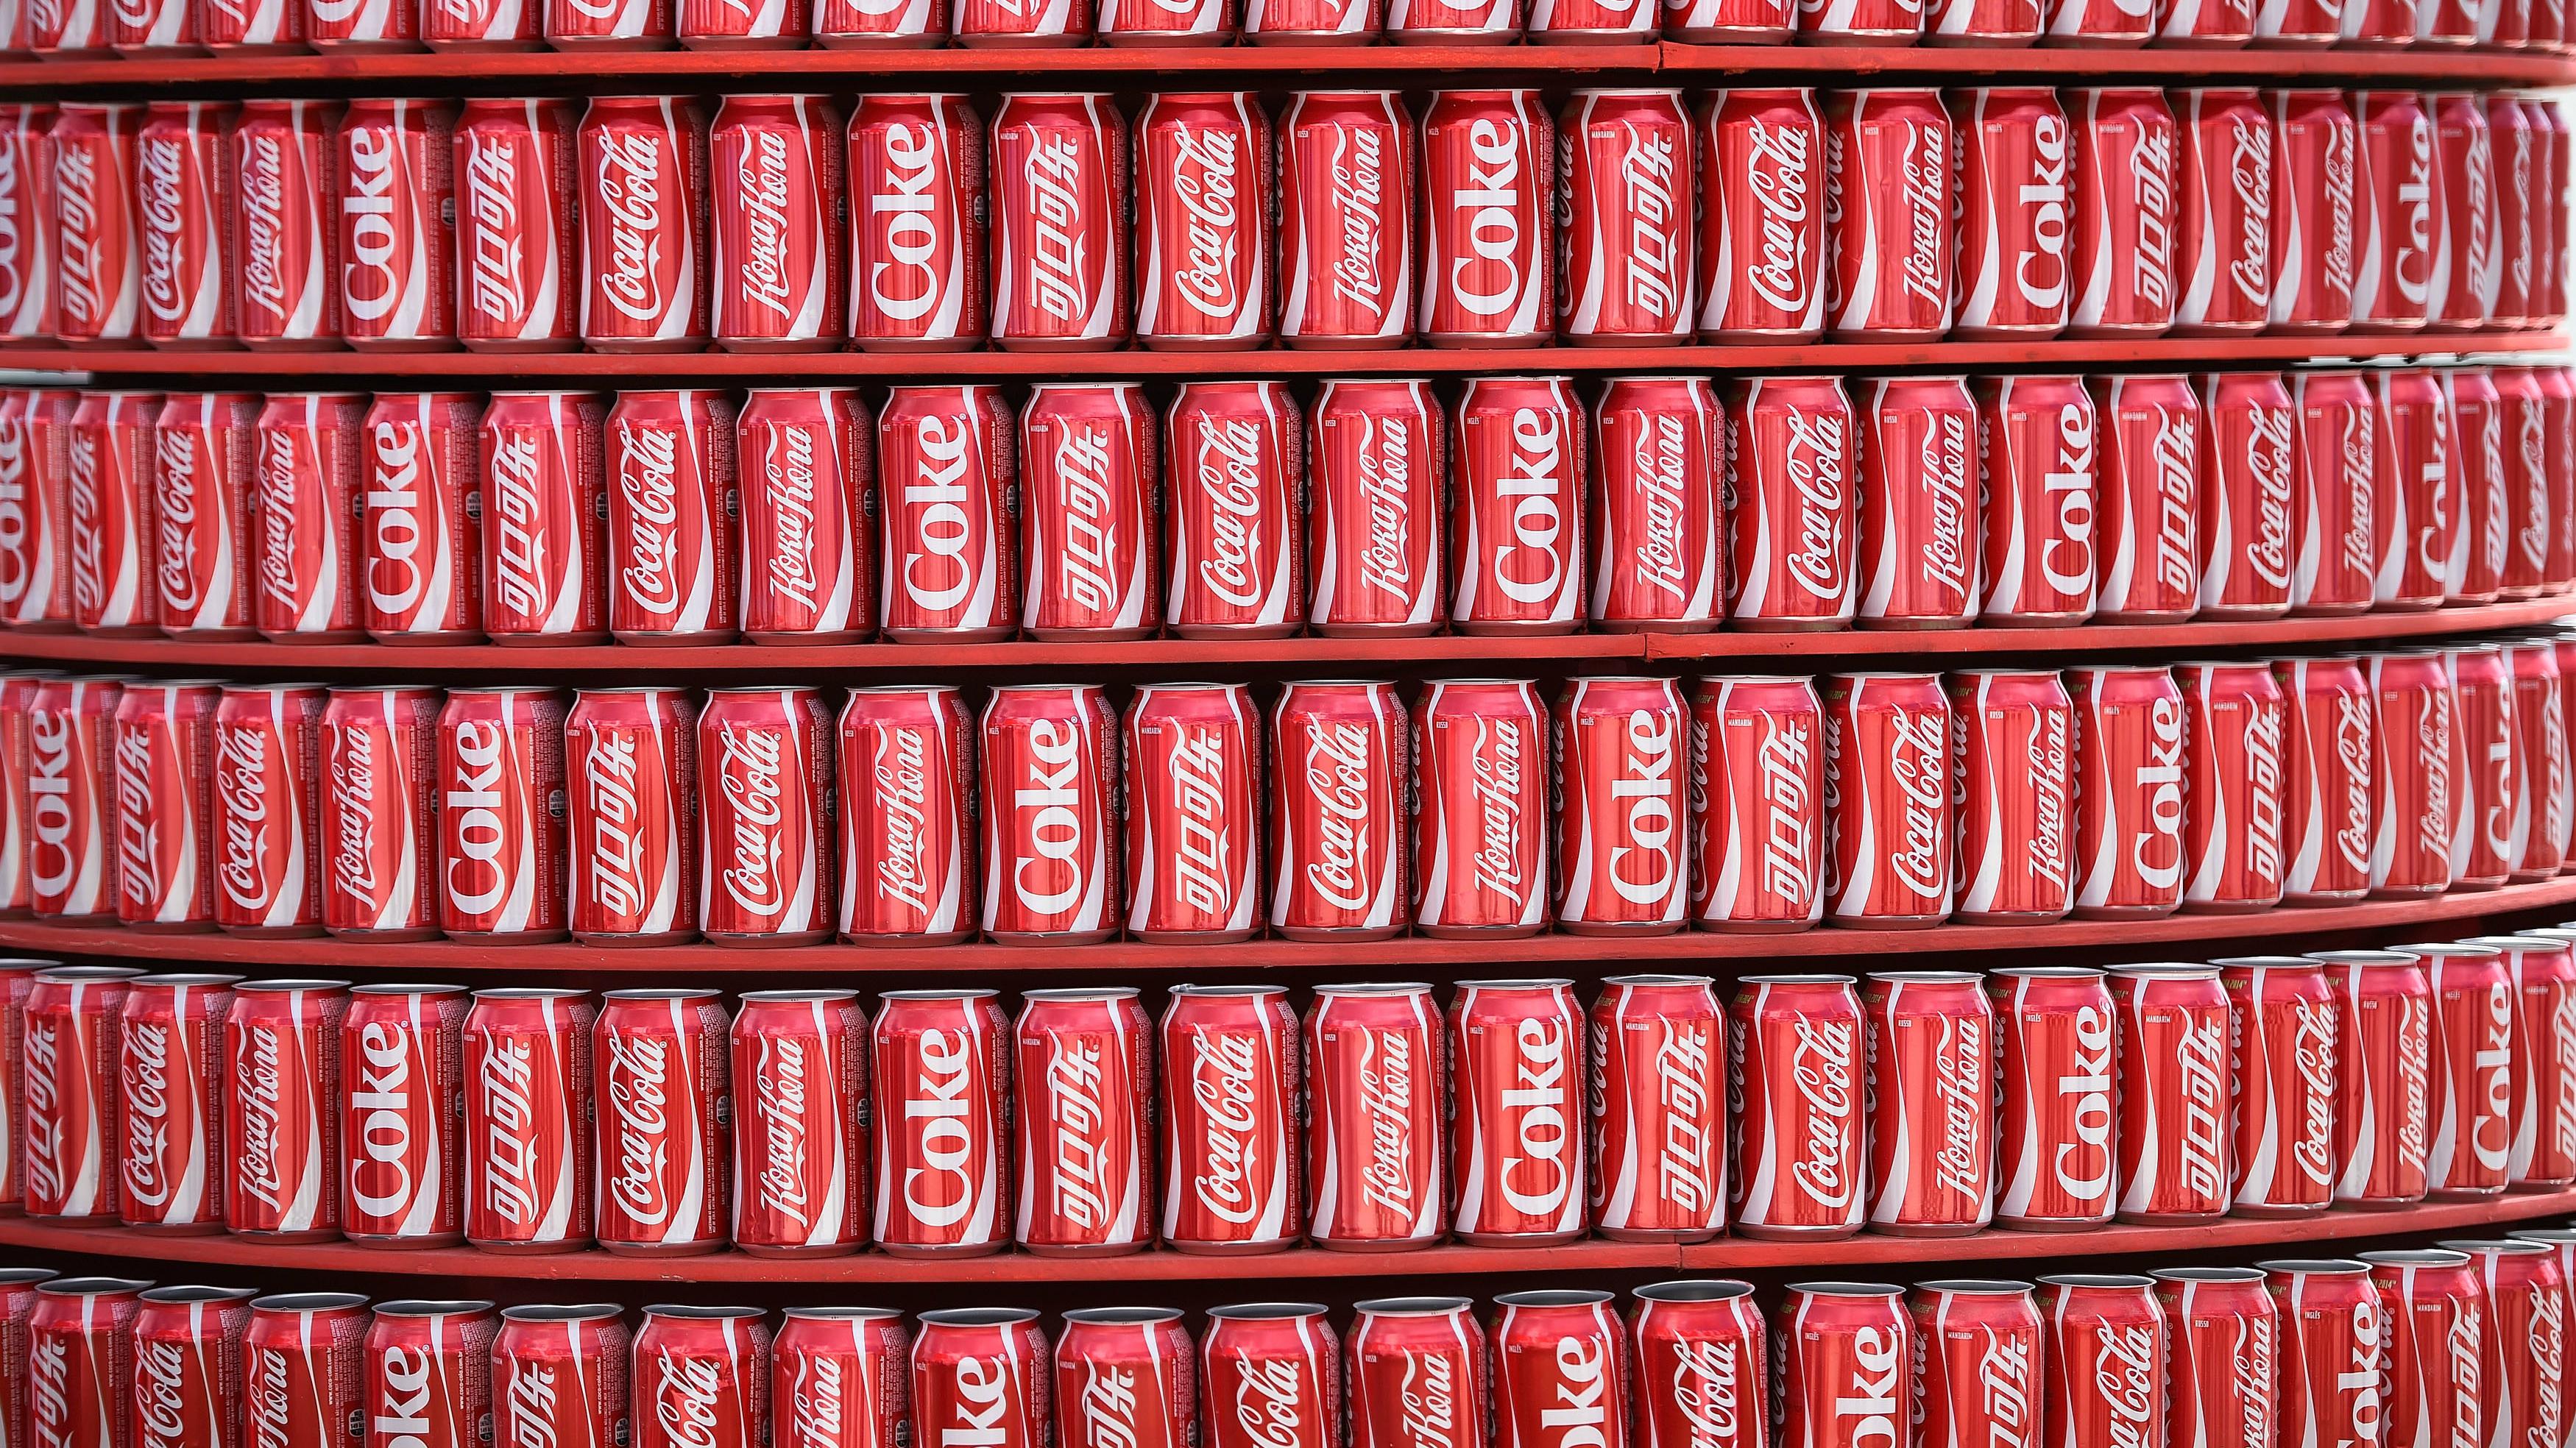 Soda taxes rising.